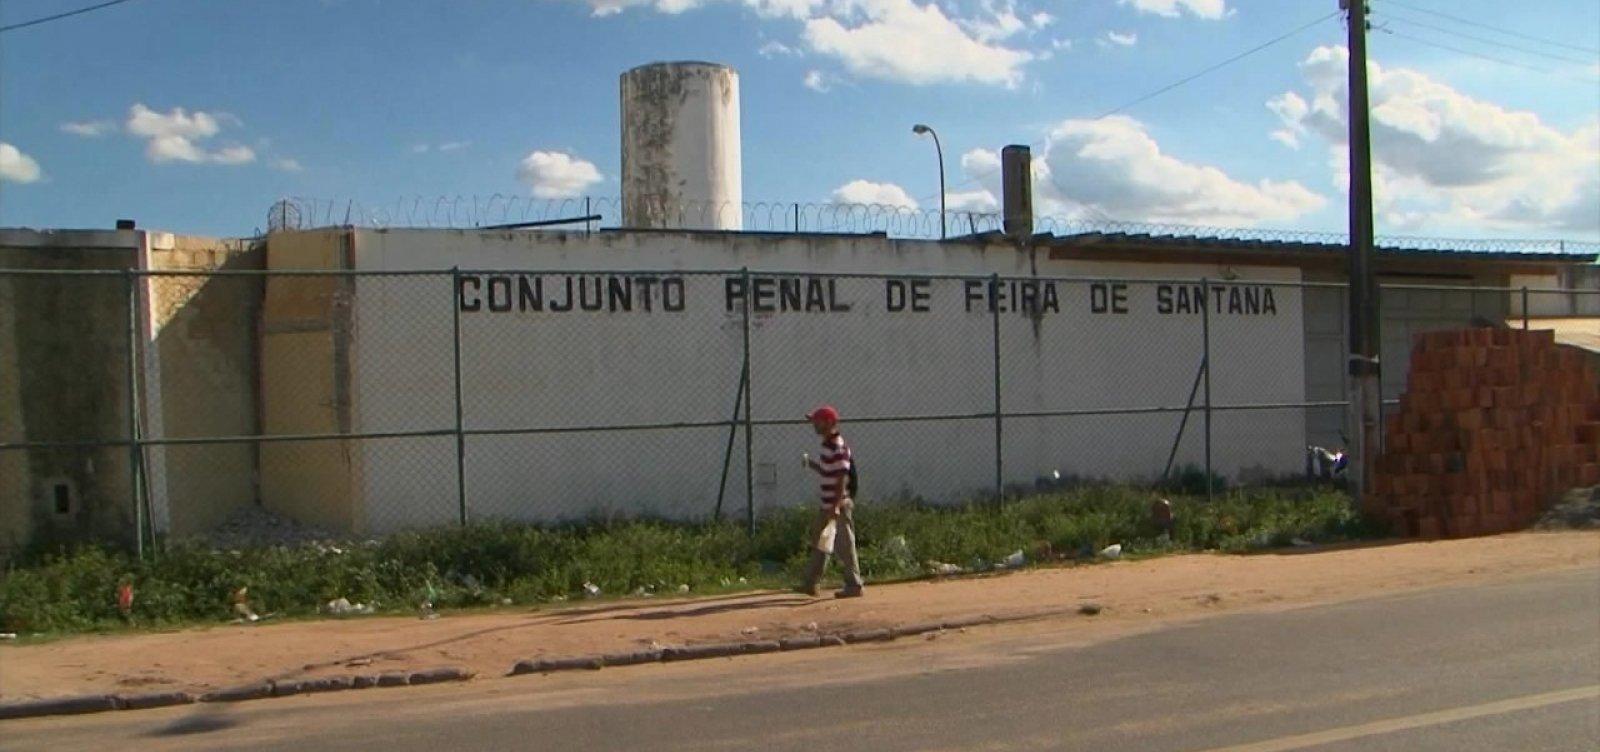 [Justiça suspende decisão de prisão domiciliar para detentos em Feira de Santana]